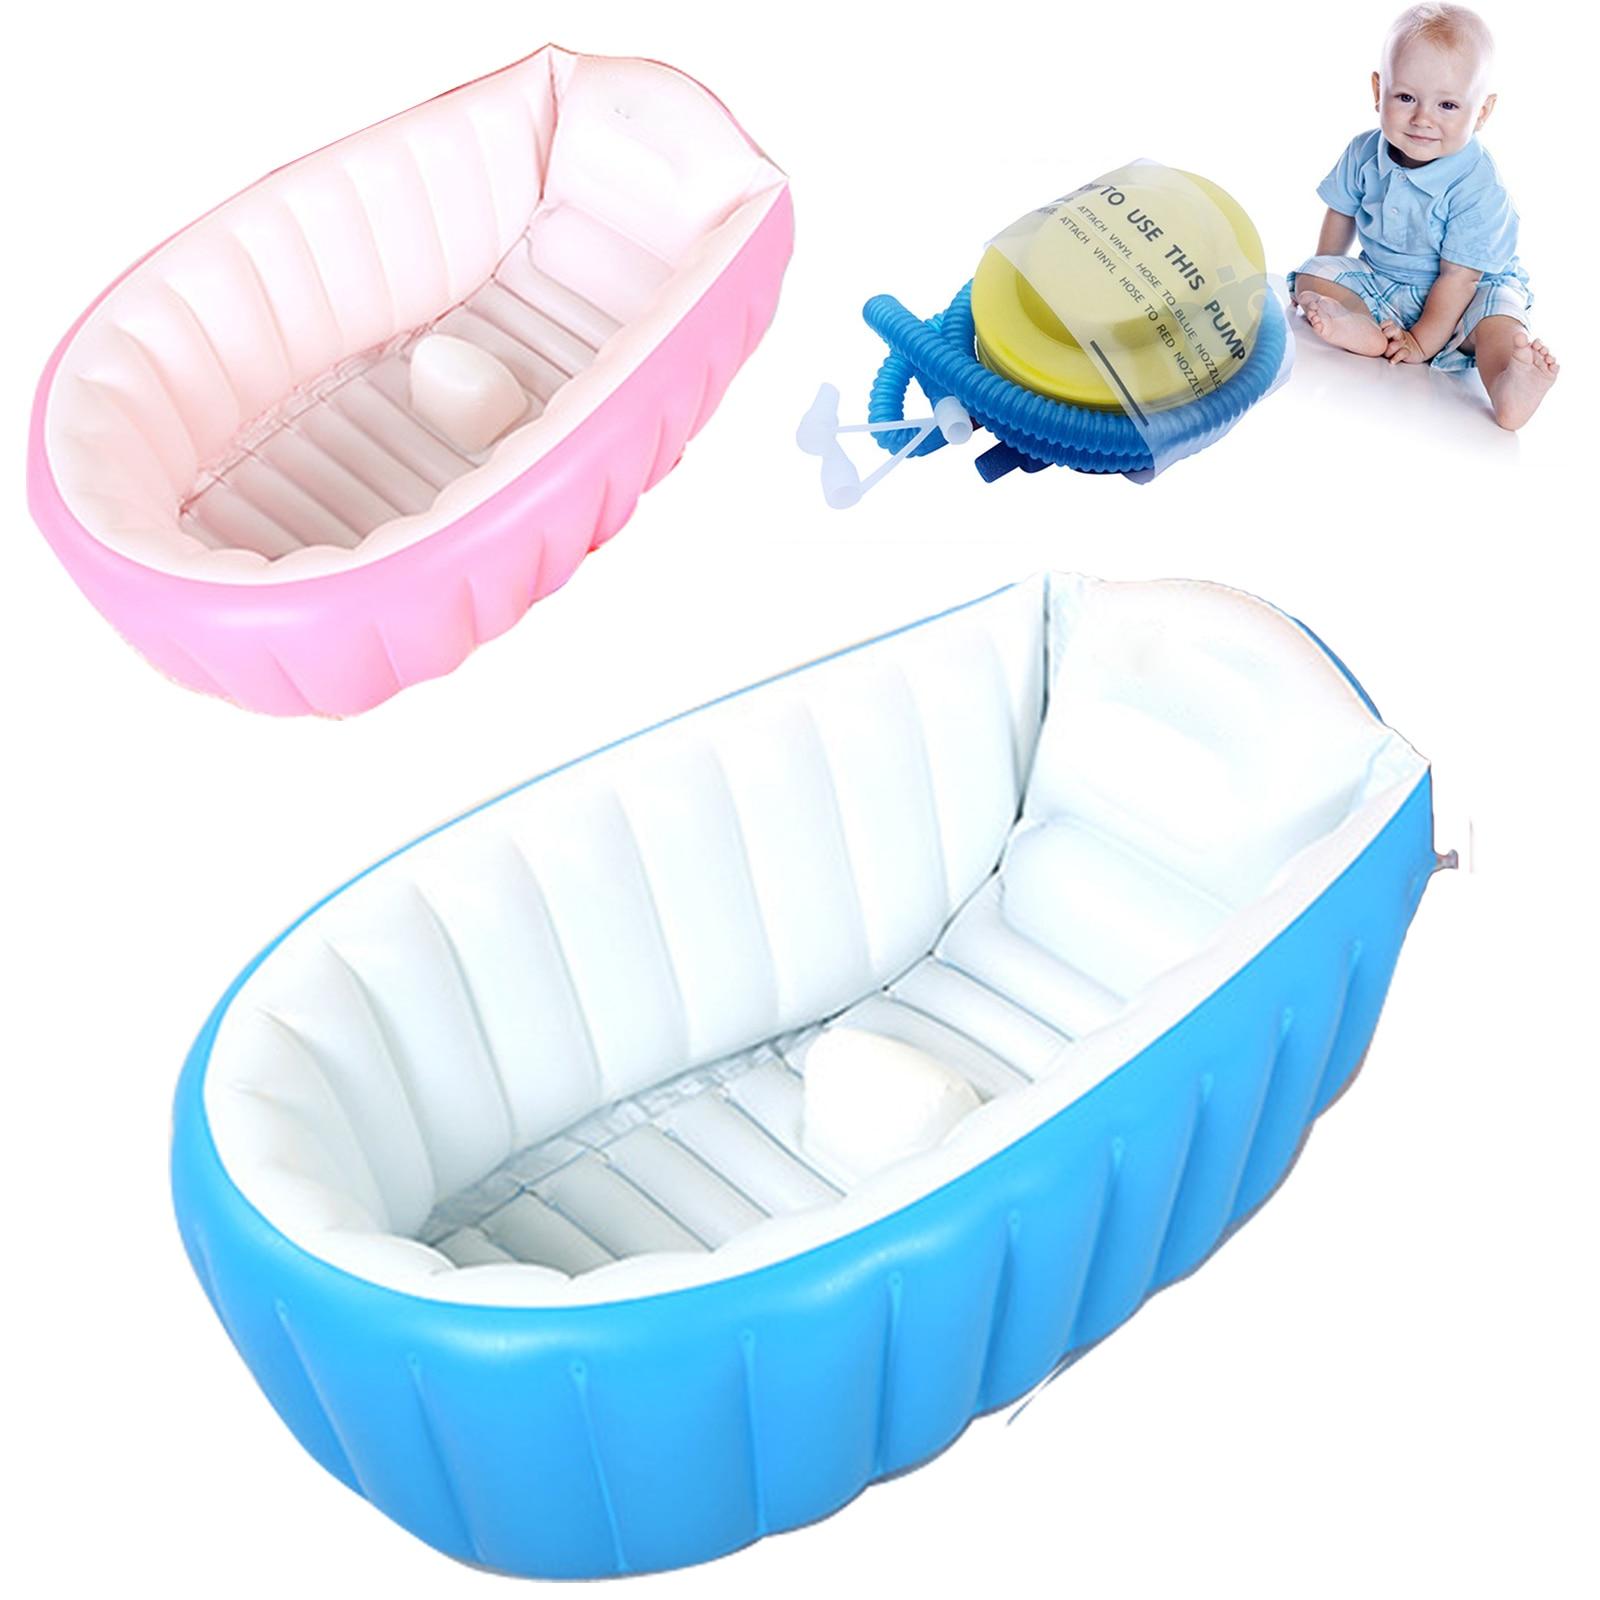 2017 réel haut à la mode bébé anneau baignoires gonflables infantile piscine gonflable bébé baignoire/baignoire douce/écologique Portable bain